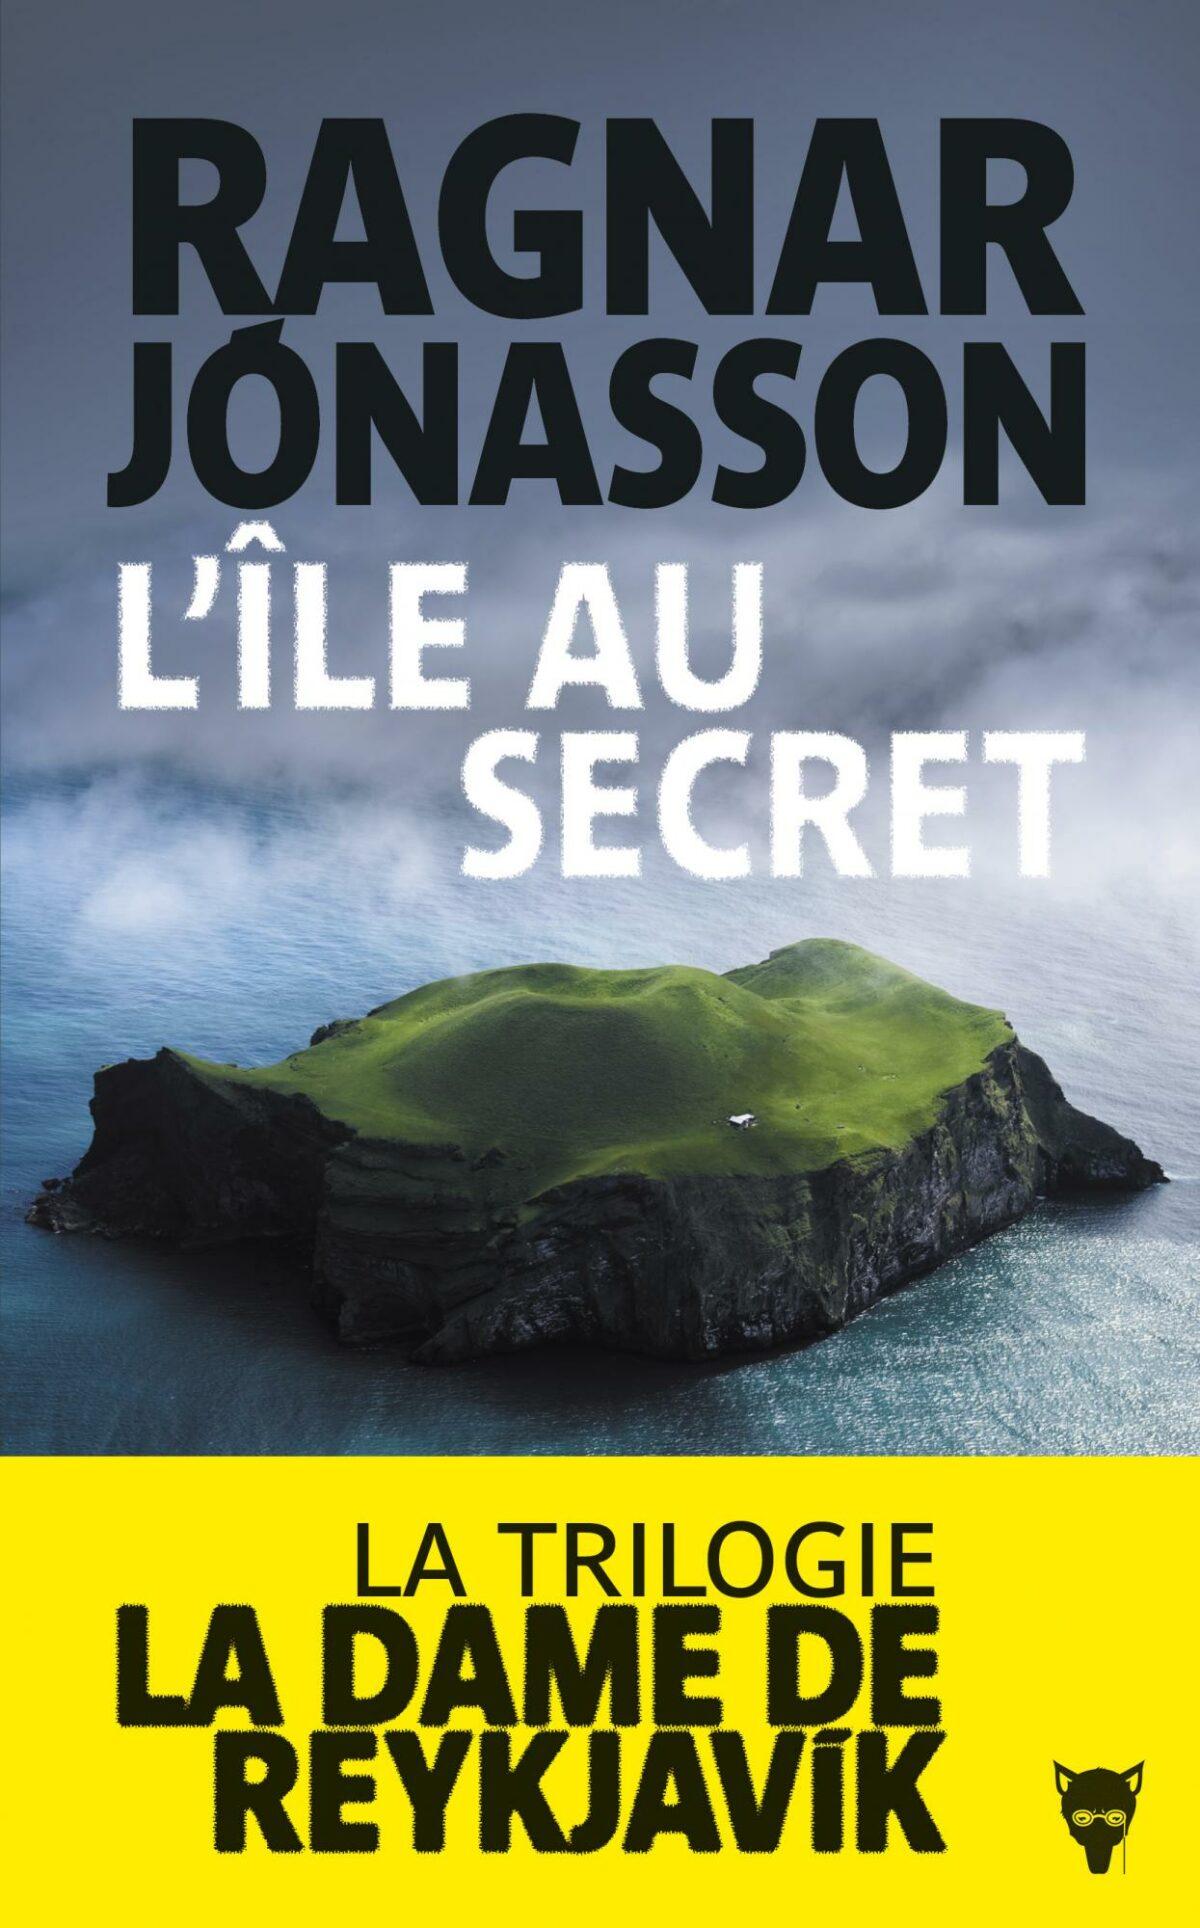 L'Île au secret, La Dame de Reykjavík de Ragnar Jónasson